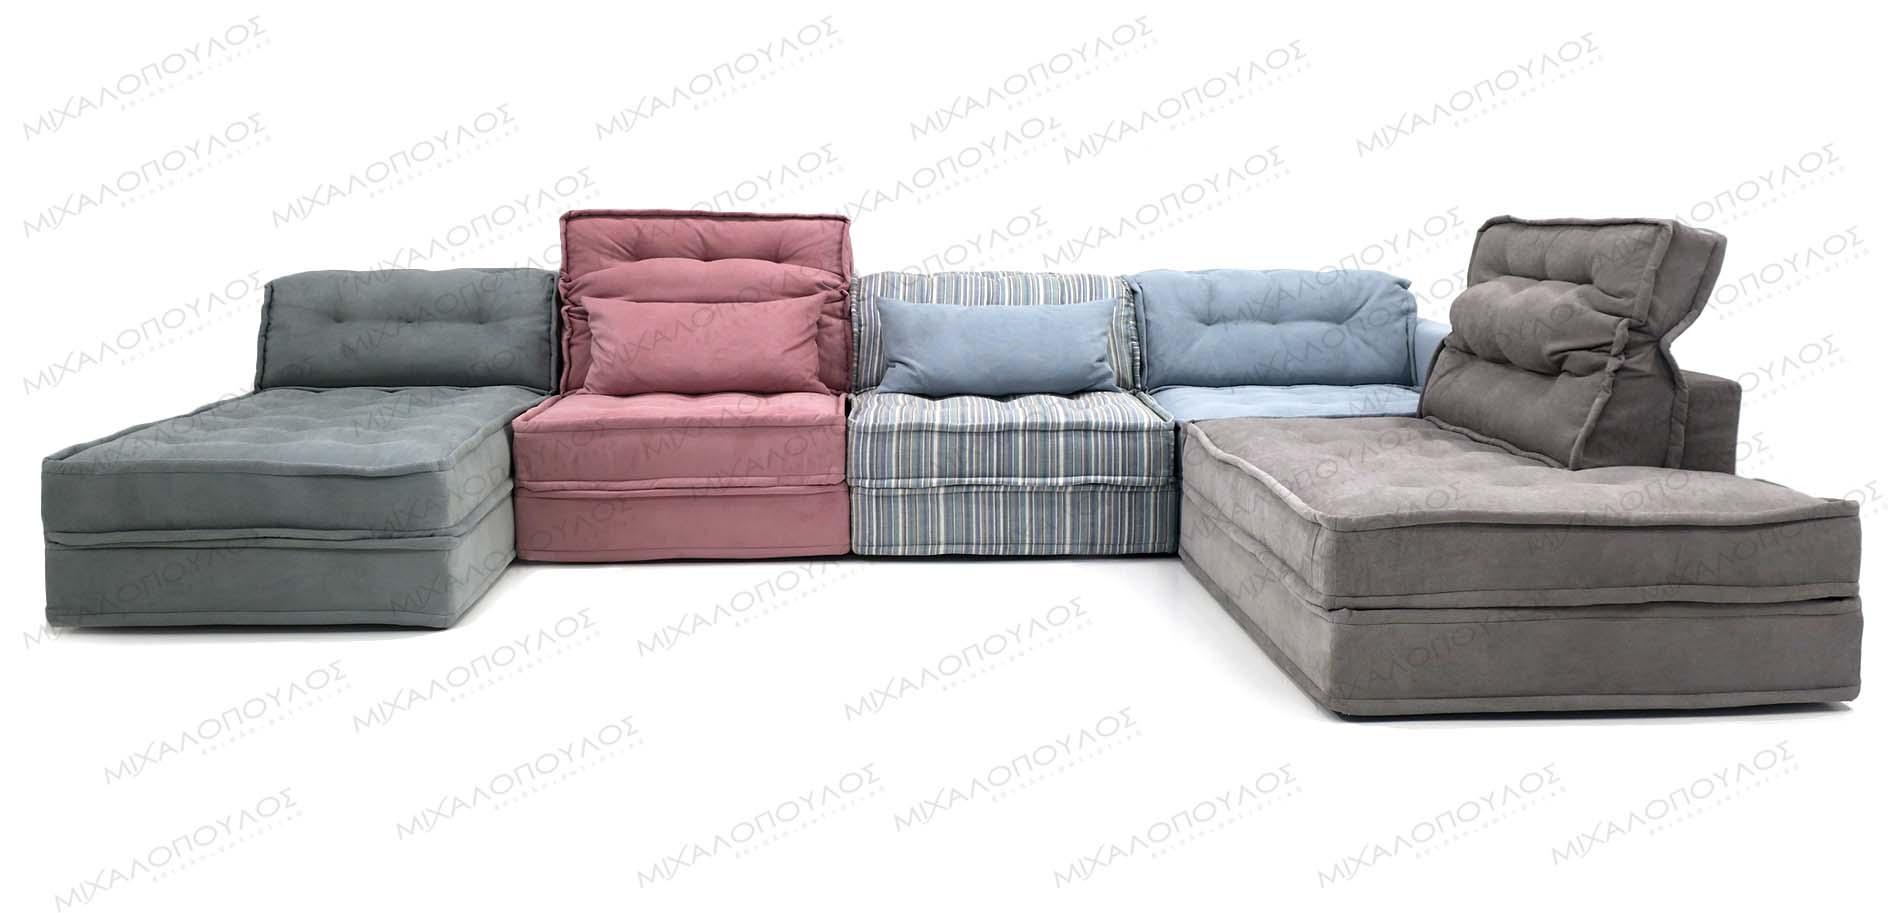 Καναπέδες μοντέρνοι